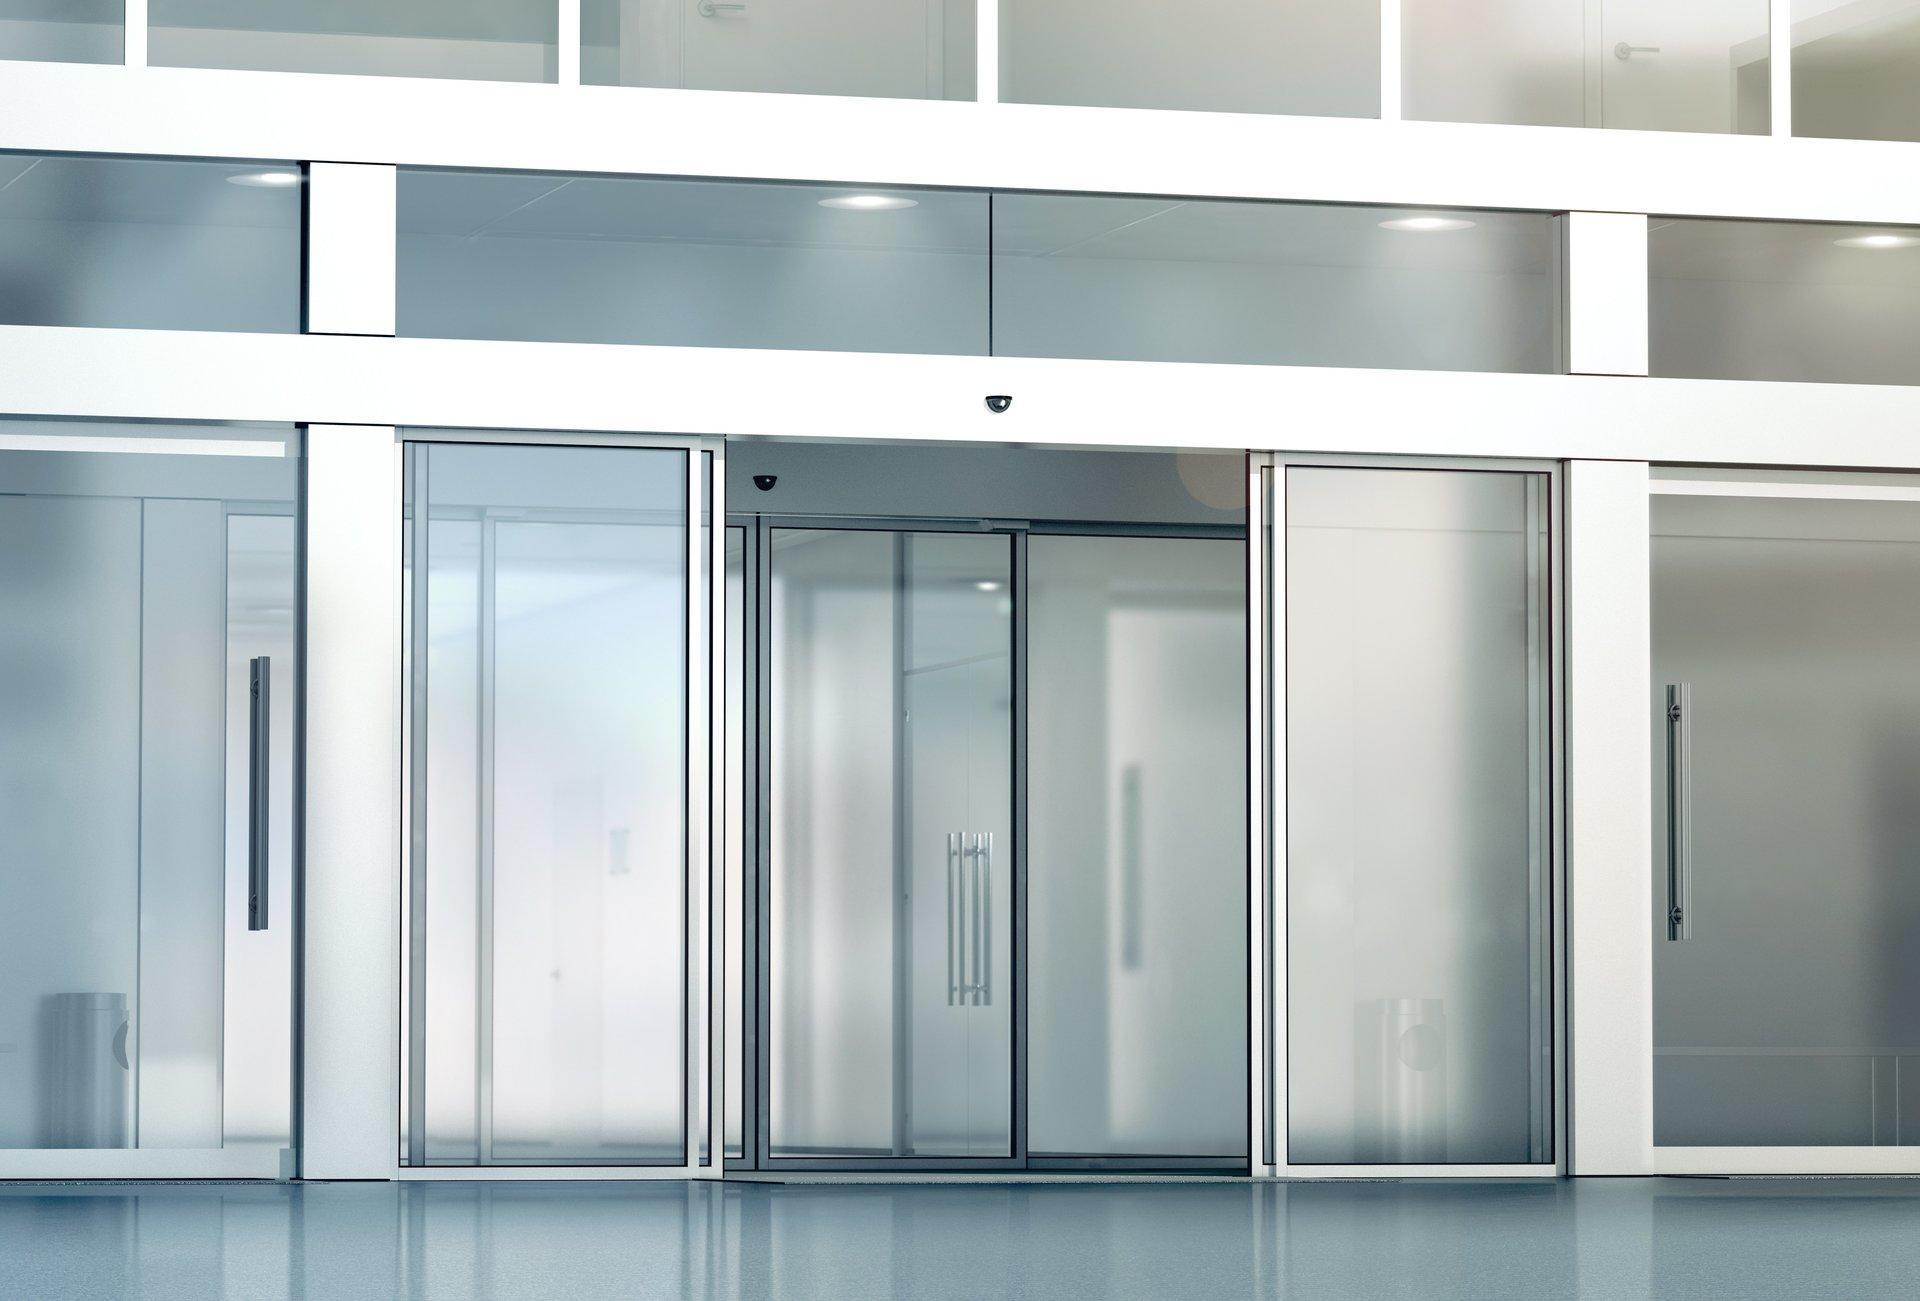 Slide Title & Am Doors Torquay \u0026 AM Doors - Interior Doors